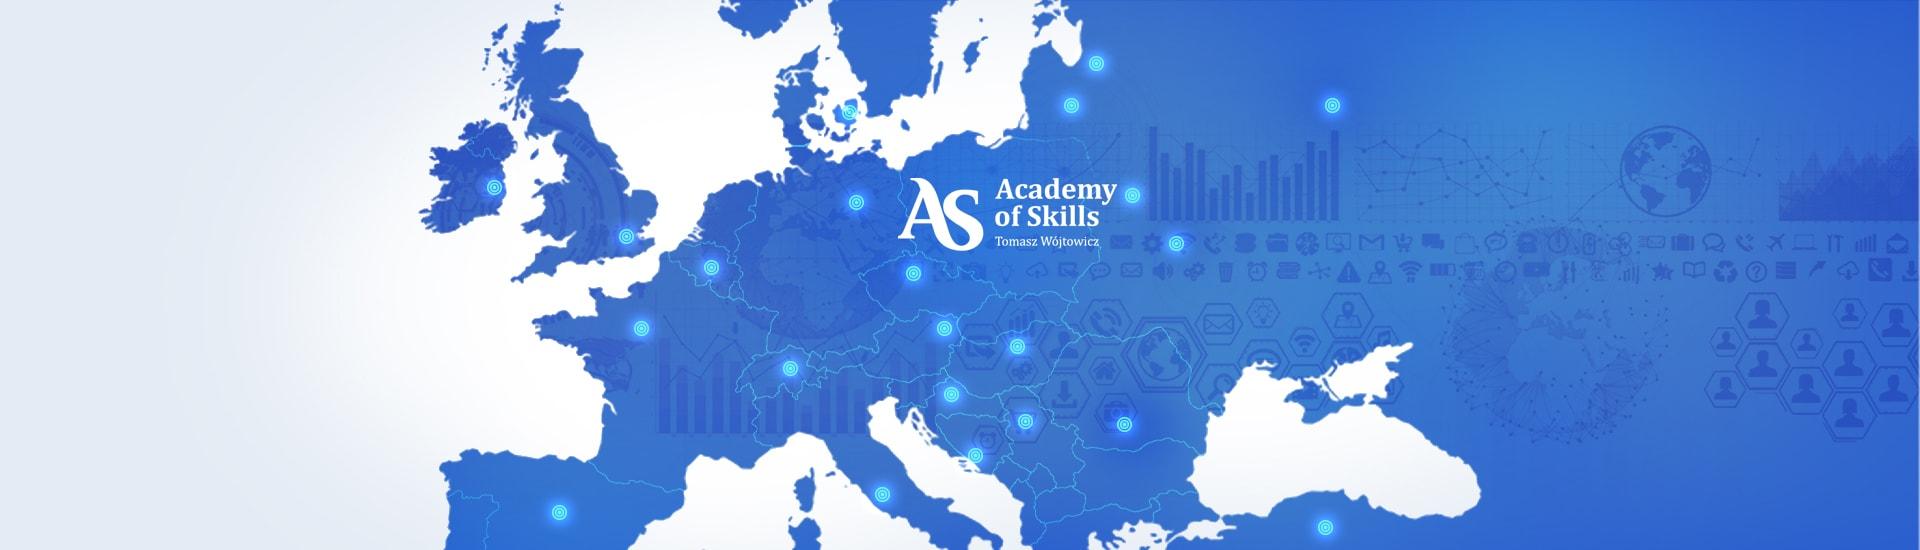 Trener Biznesu, Consulting, Oferta szkoleń dla menedżerów, Business English- Academy Of Skills Tomasz Wójtowicz